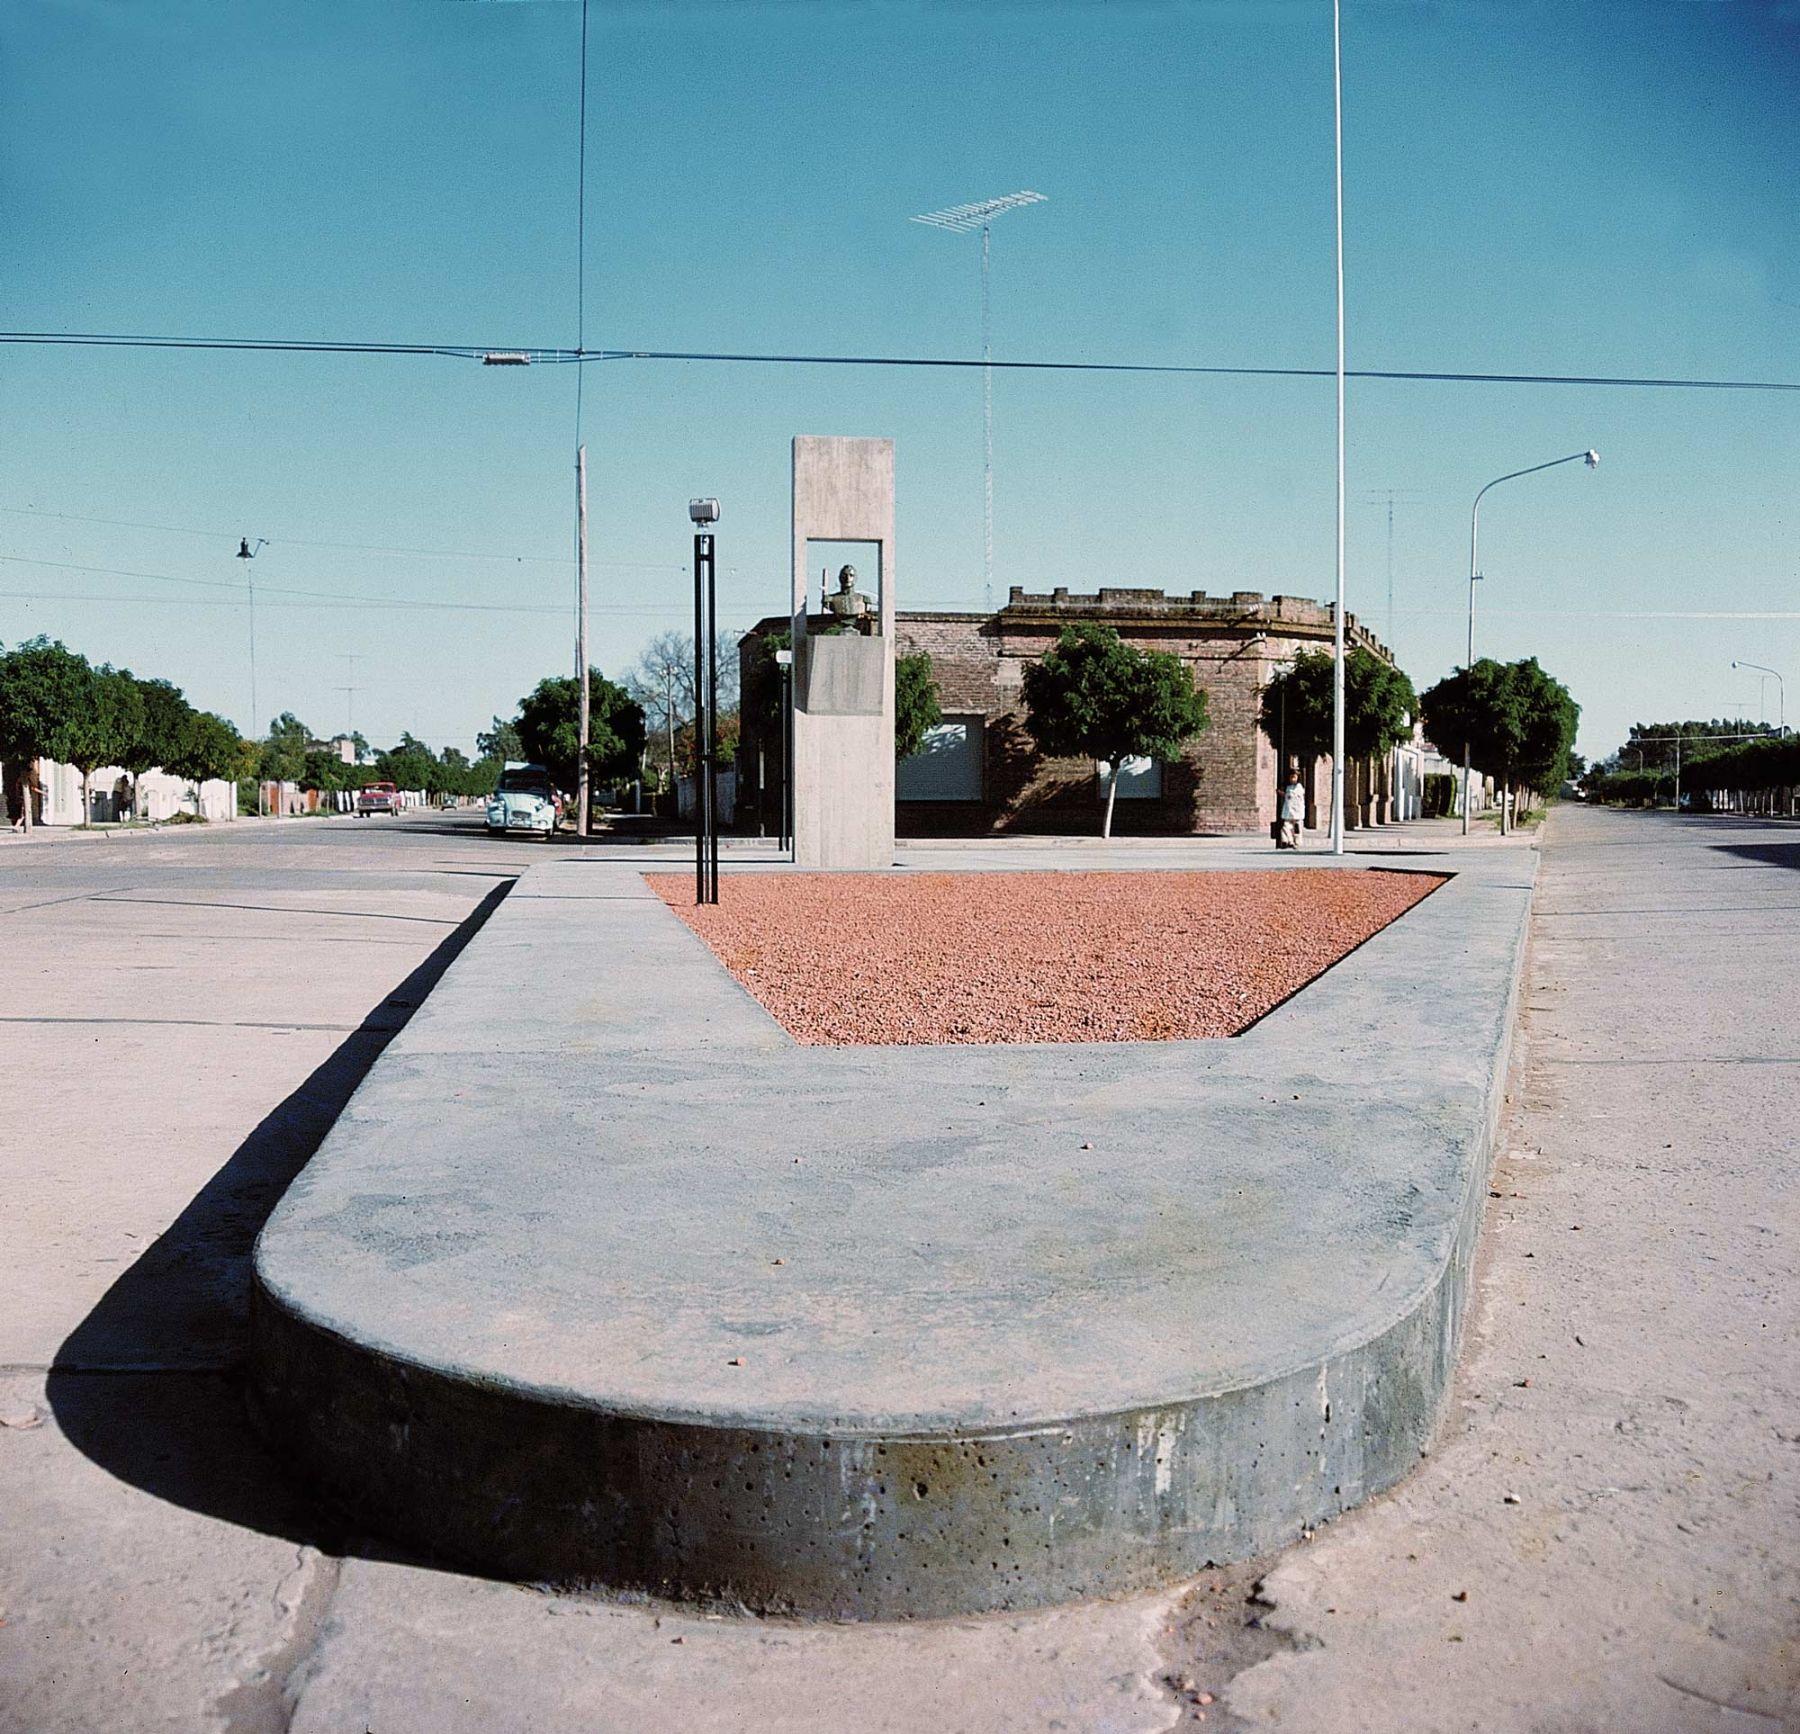 Monumento al General San Martín en Pirovano